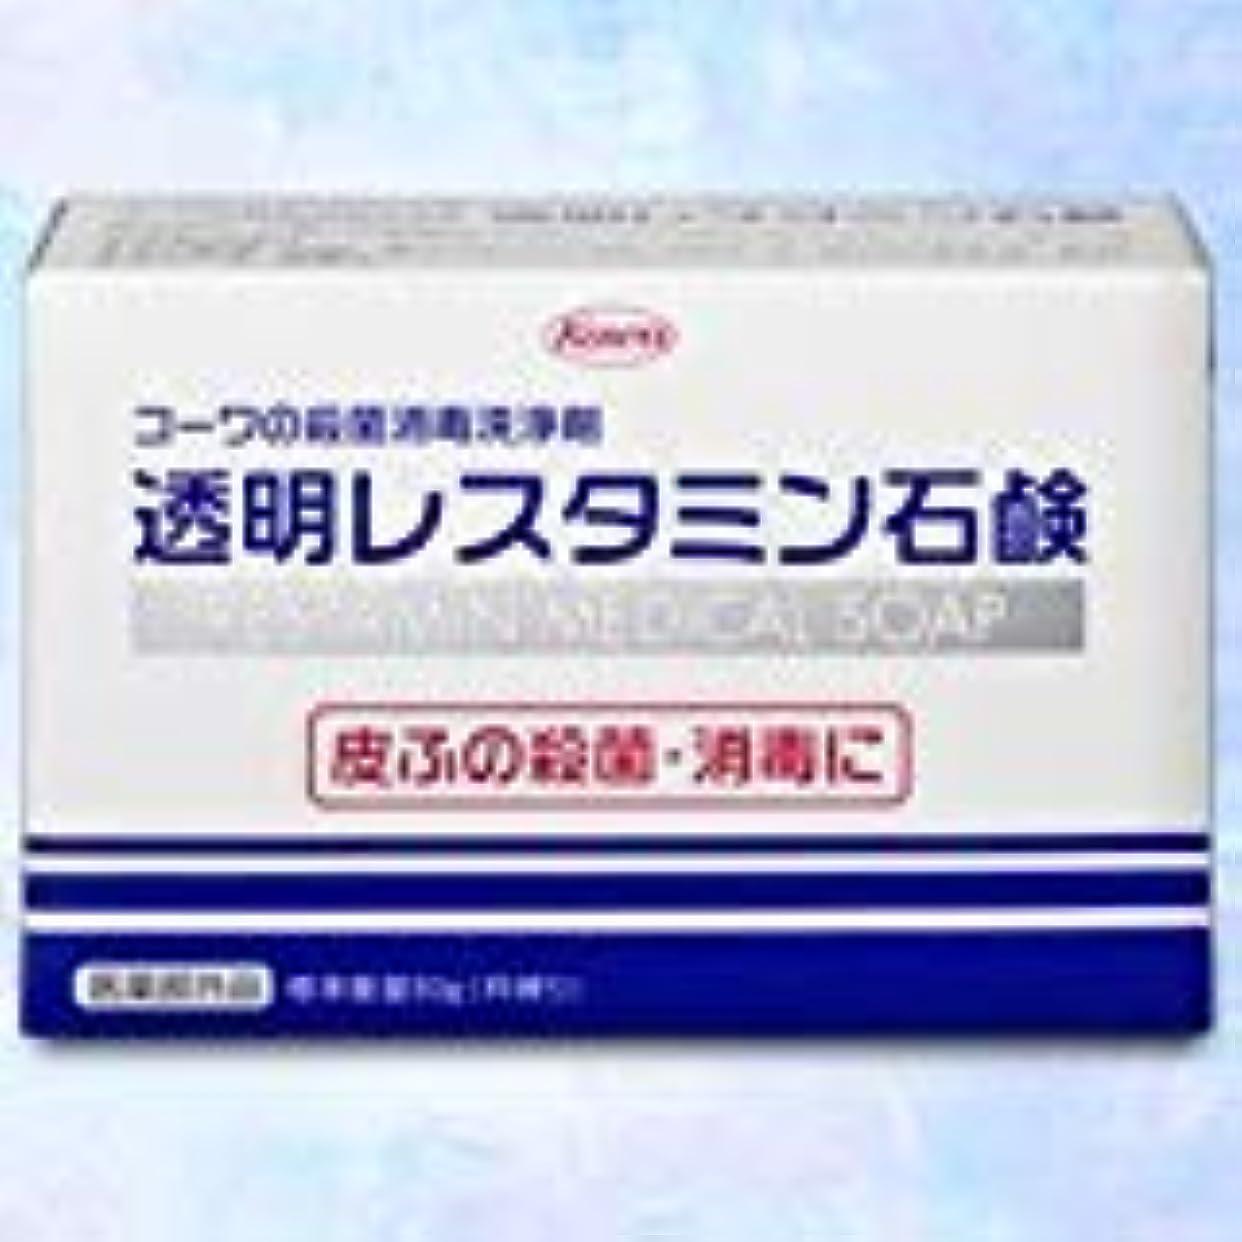 溶ける性格説得【興和】コーワの殺菌消毒洗浄剤「透明レスタミン石鹸」80g(医薬部外品) ×5個セット